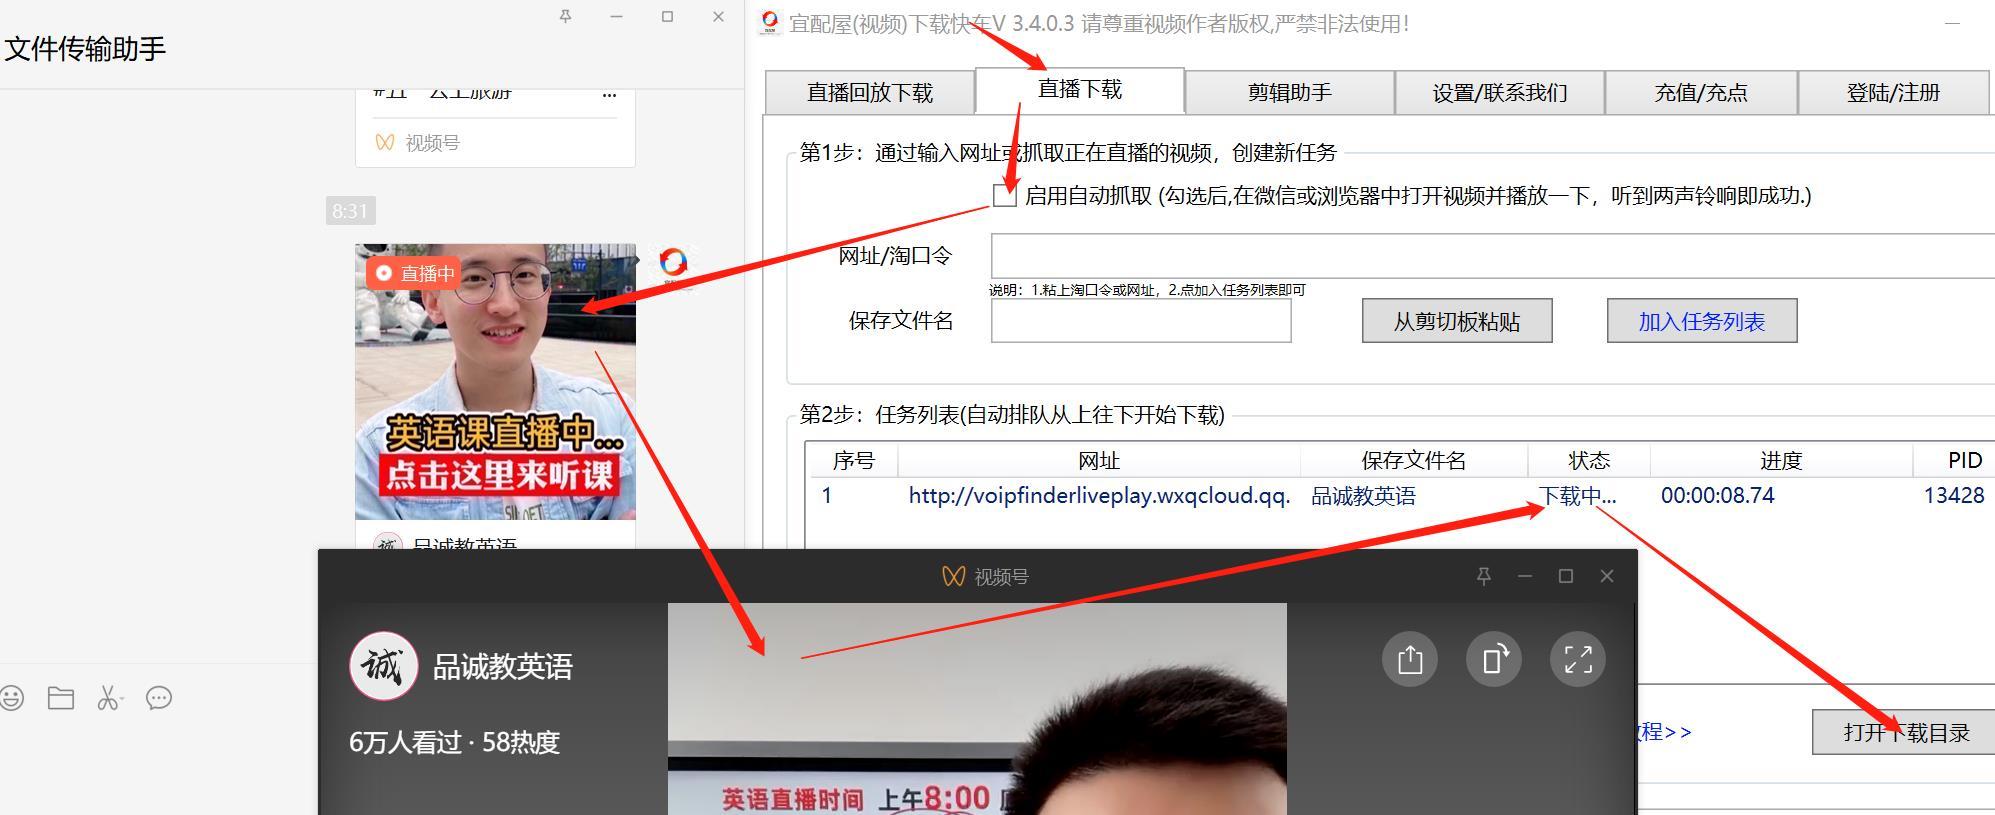 【视频教程】怎样下载微信视频号直播视频? 保存正在直播的视频号直播视频为mp4格式